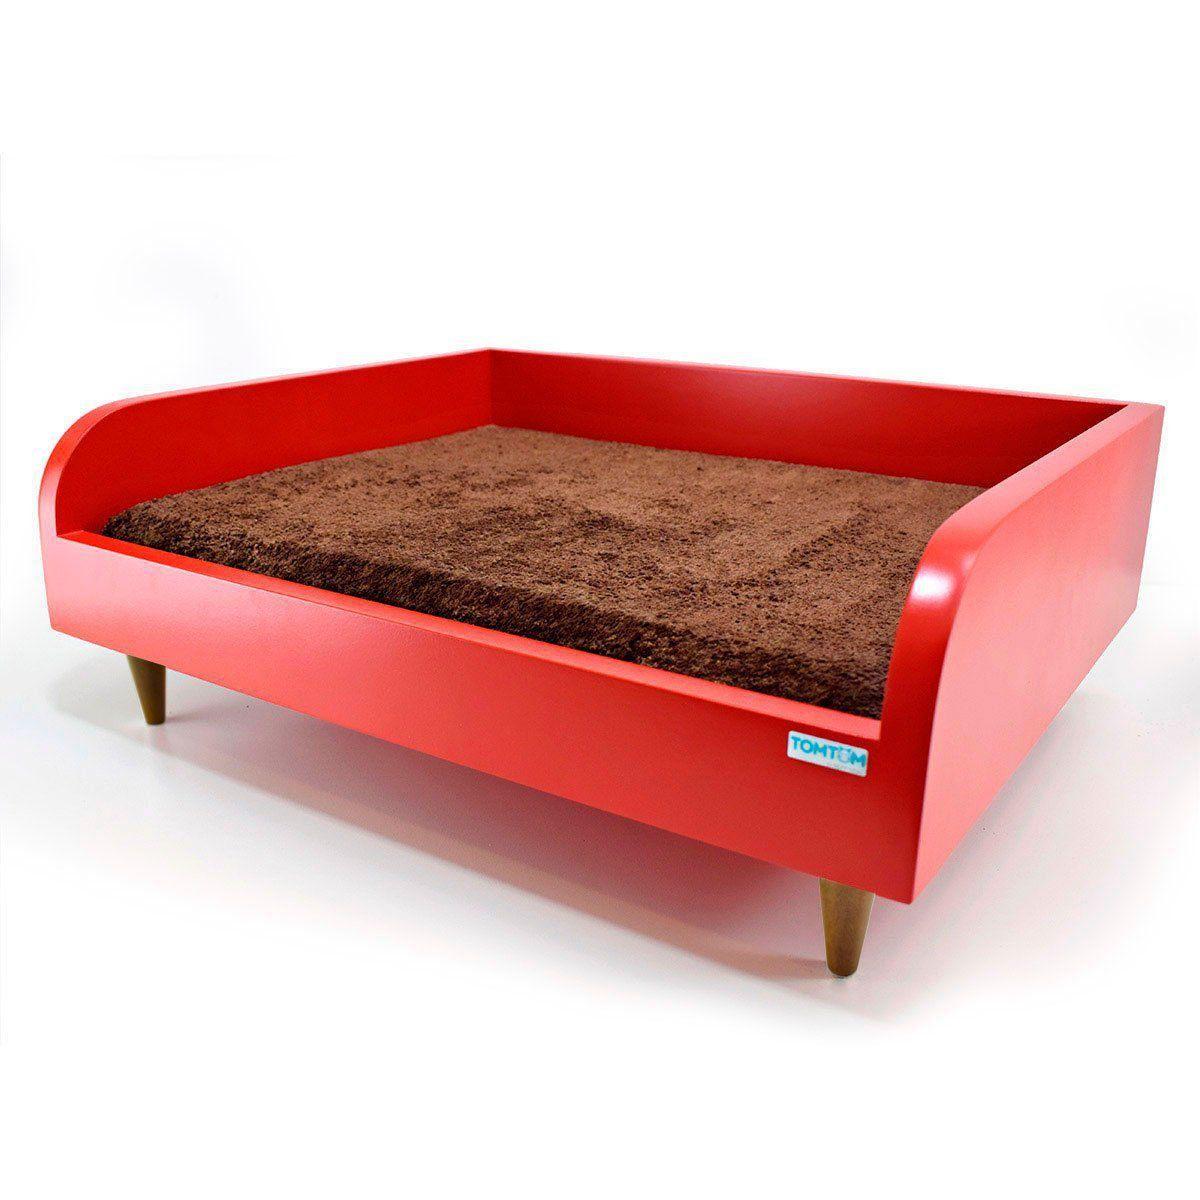 Sofá para Cachorro Tomtom Vermelho com Almofada Marrom - P